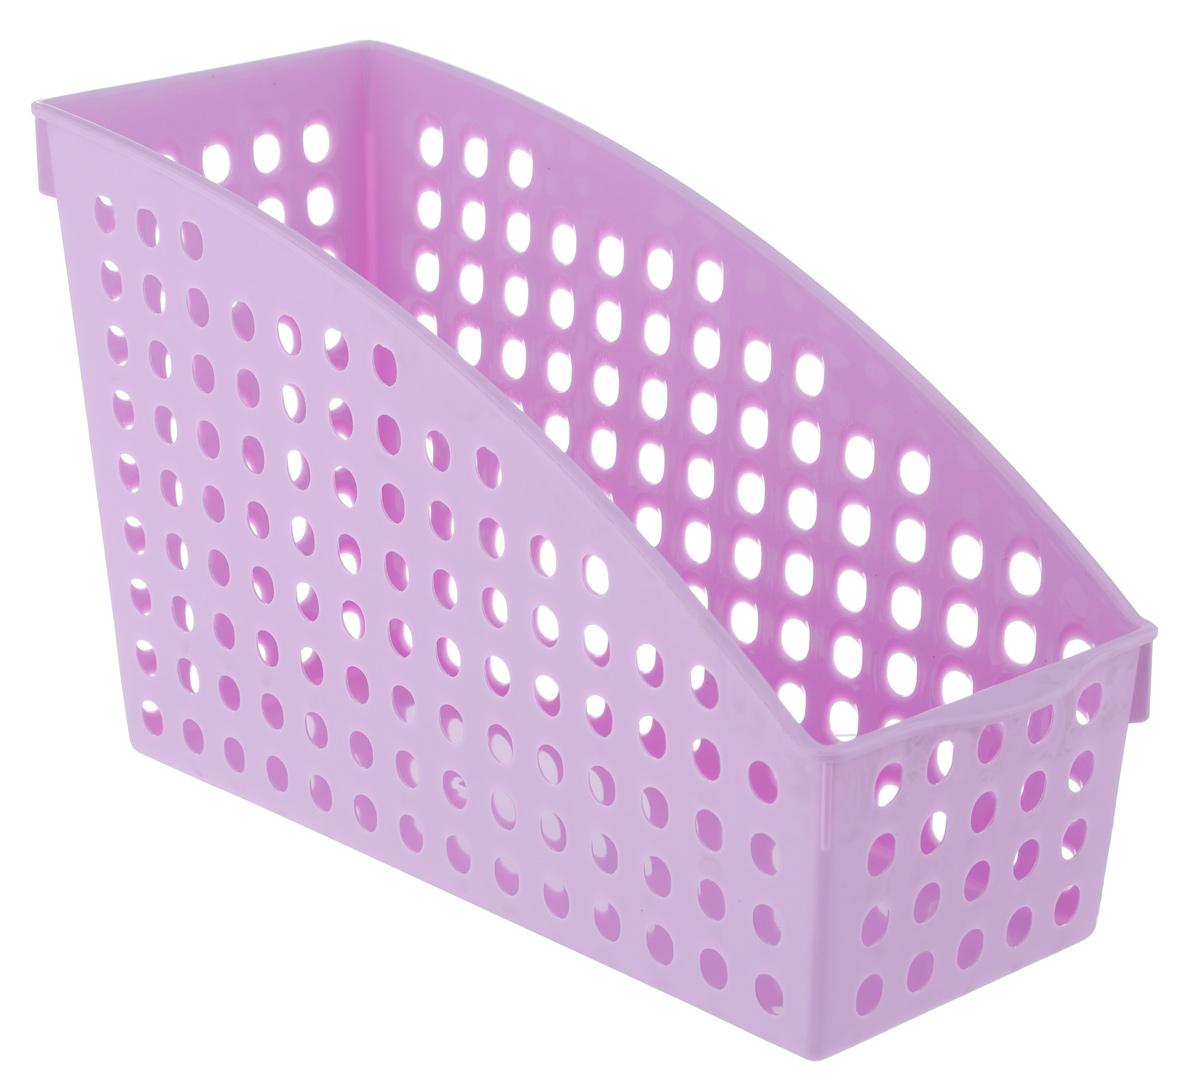 Корзина для мелочей Sima-land Трапеция, цвет: сиреневый, 25 см х 10,5 см х 15,7 см. 799927799927_сиреневыйКорзина для мелочей Sima-land Трапеция изготовлена из высококачественного пластика. предназначена для хранения мелочей в ванной, на кухне, даче или офисе. Позволяет хранить мелкие вещи, исключая возможность их потери. Это легкая корзина со сплошным дном и перфорированными стенками.